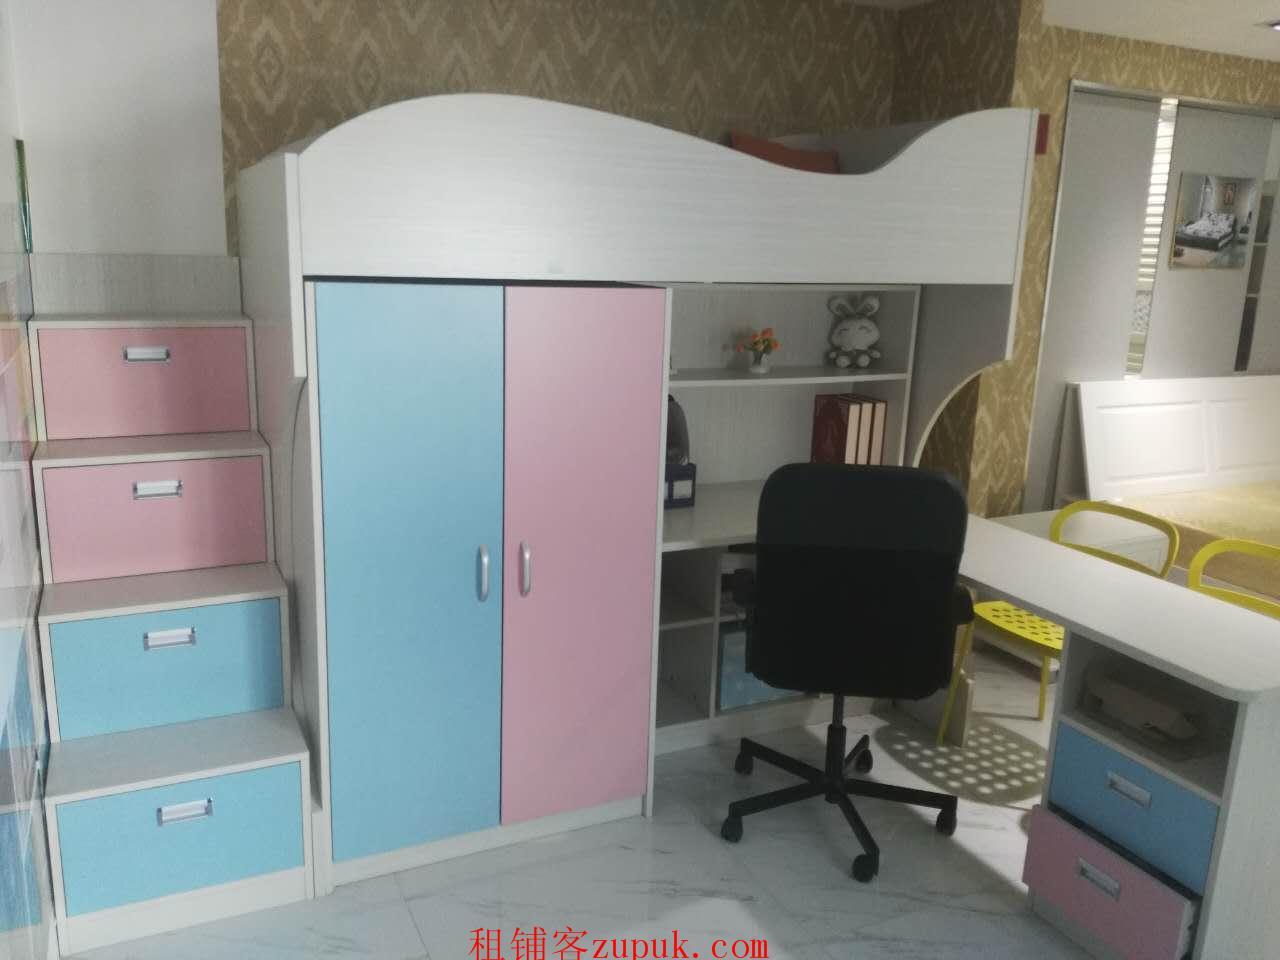 南沙金洲板头定制家具店生意转让,可空转